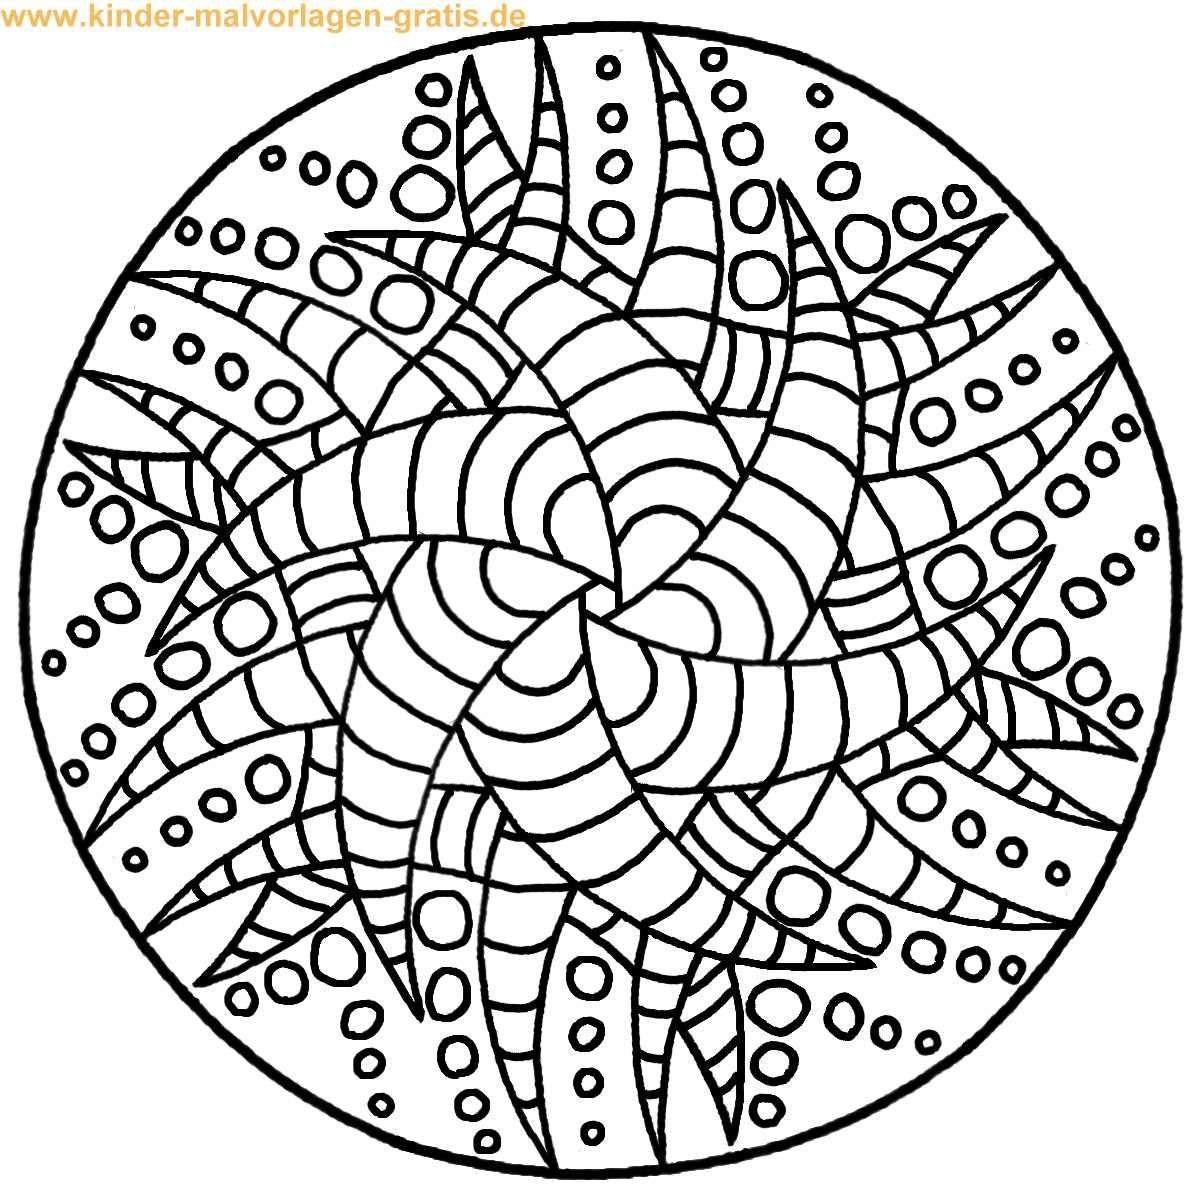 Ausmalbild Mandala zum ausdrucken | Anleitungen | Pinterest | Mandalas